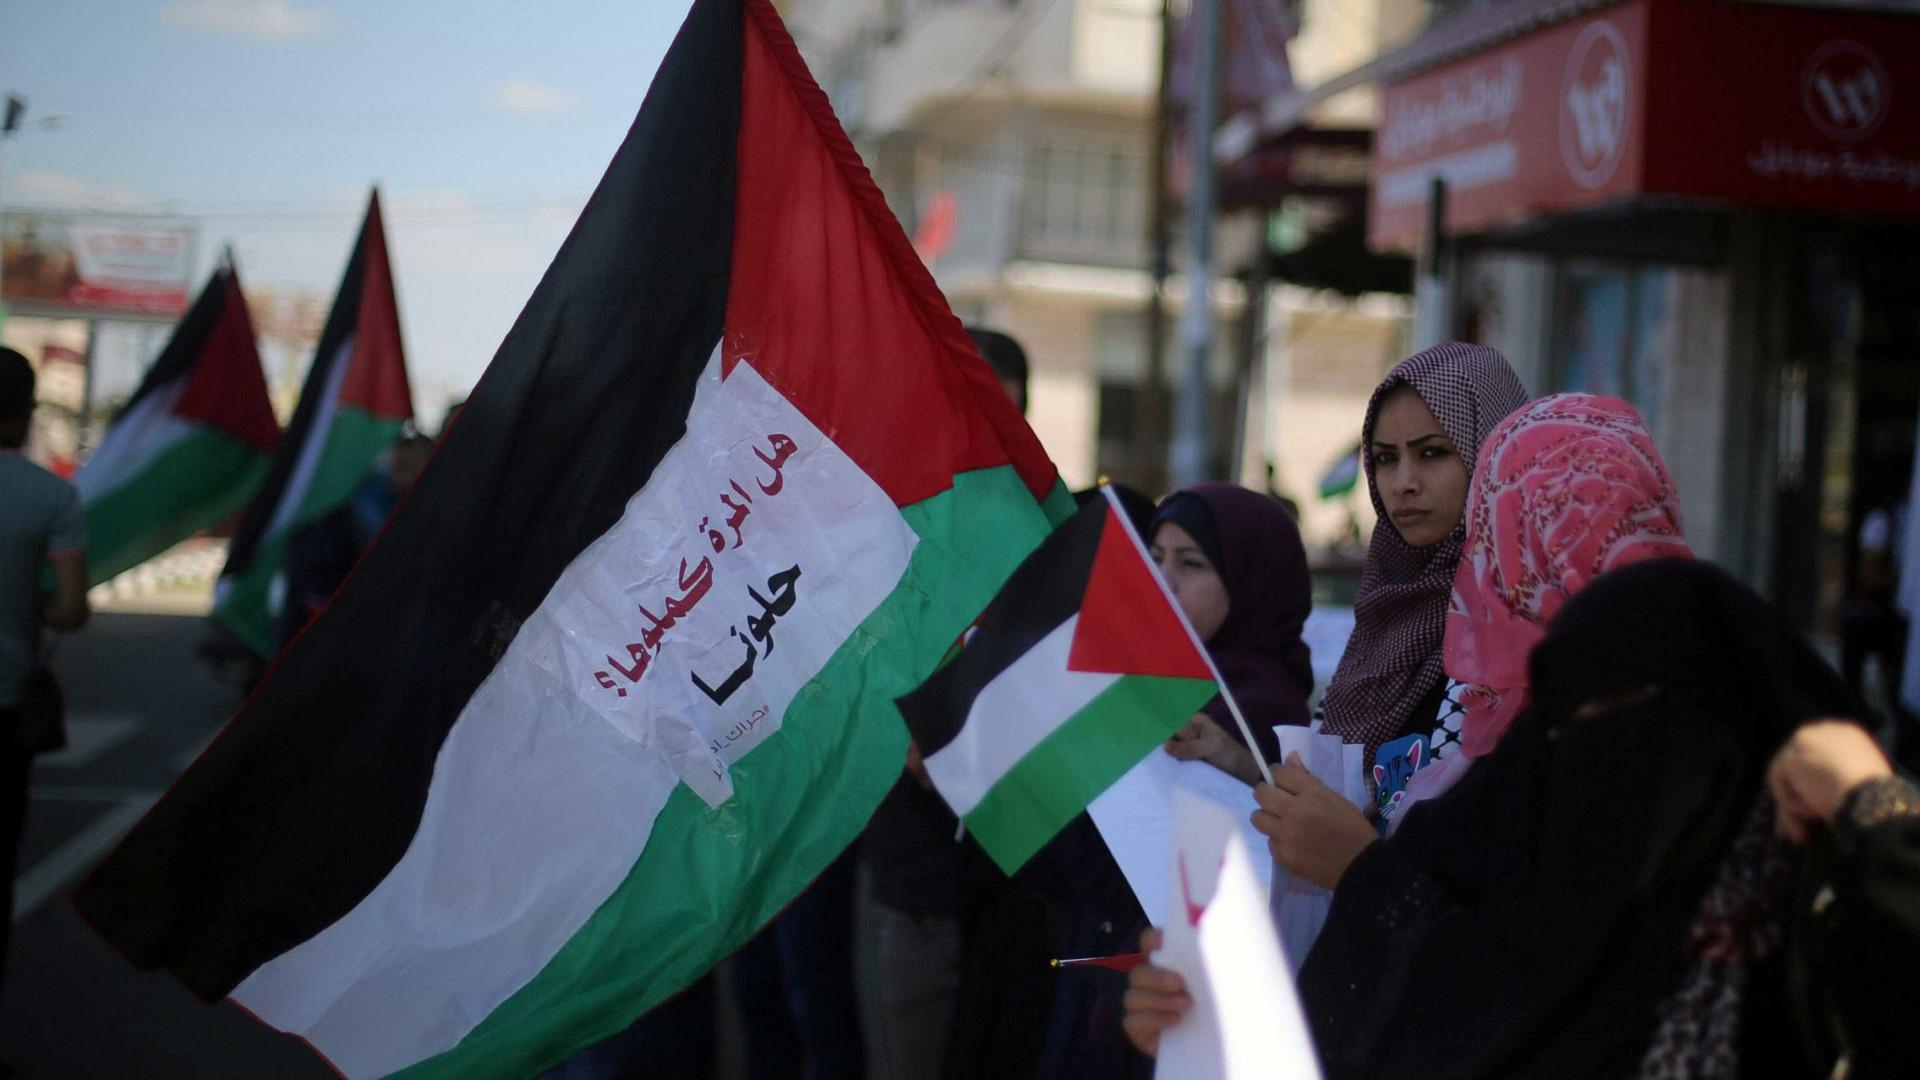 Estados Unidos pedem que eventual governo palestino reconheça Israel